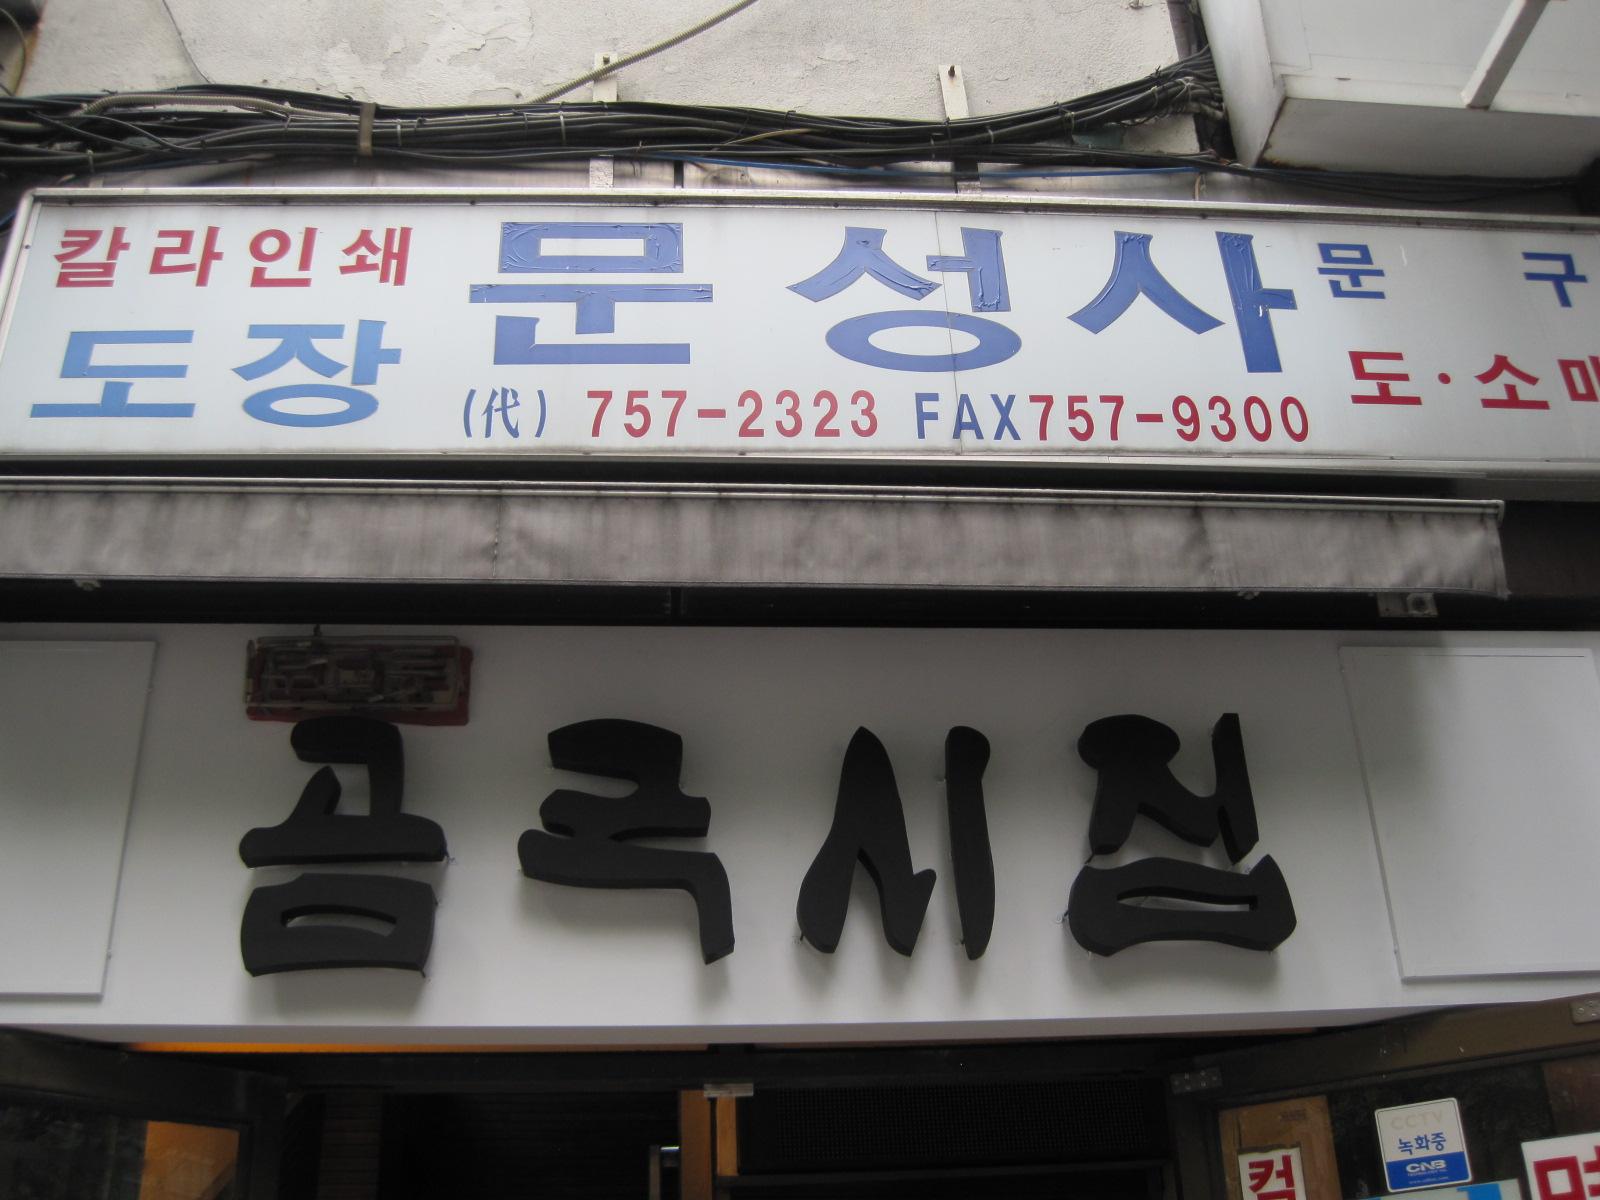 食いしん坊ふたり旅<5月・ソウル> 2☆到着&昼食_f0236260_1855189.jpg